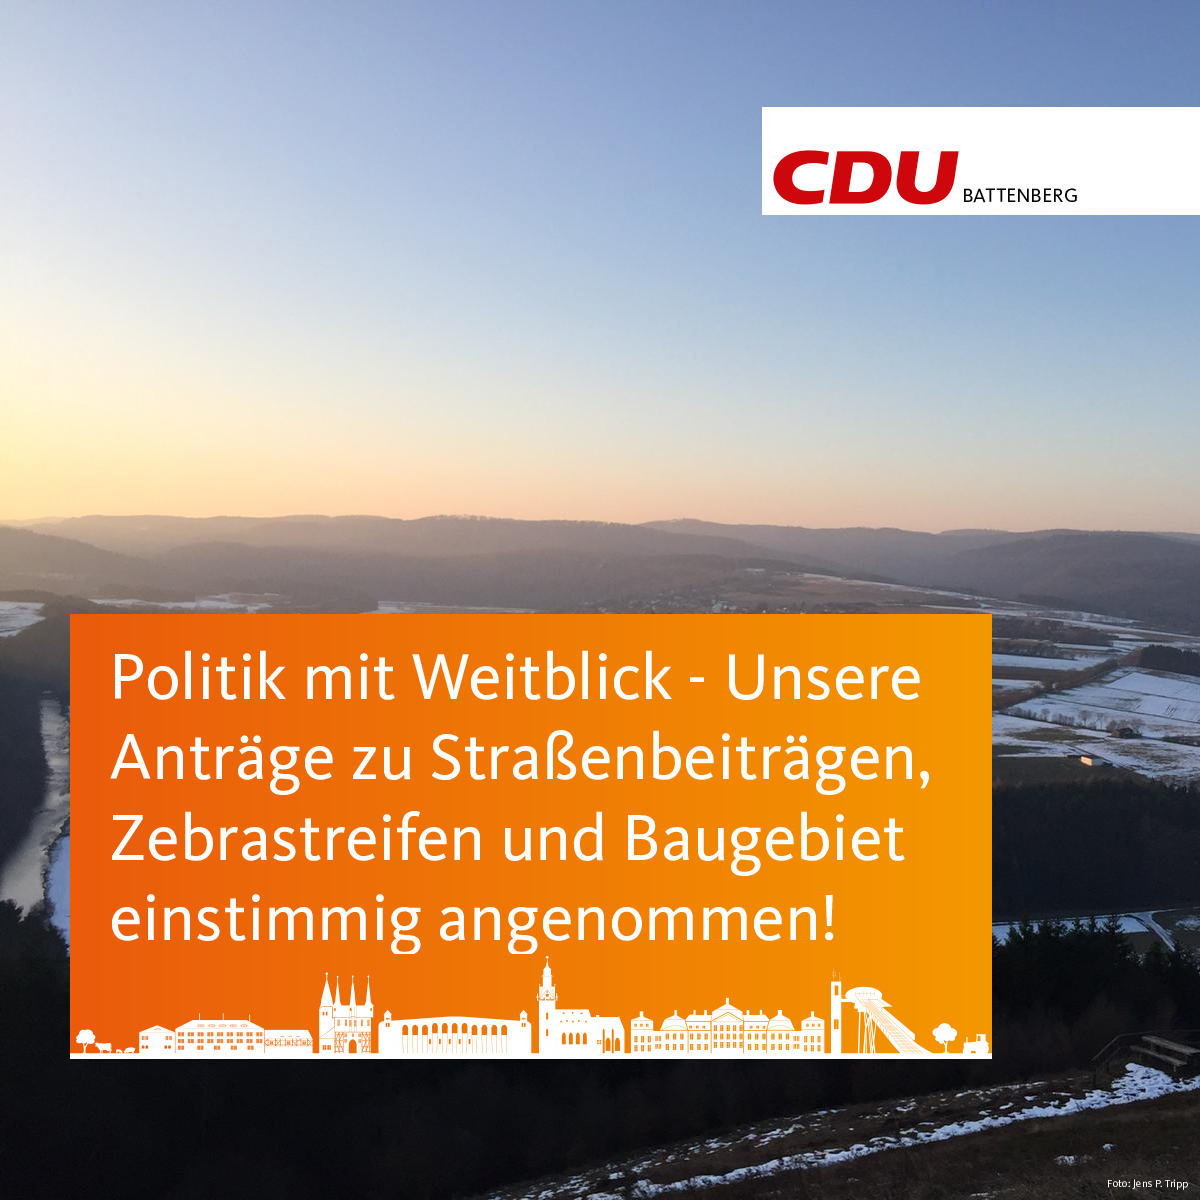 Anträge einstimmig angenommen - Erfolgreiche CDU Fraktionsarbeit in der StV